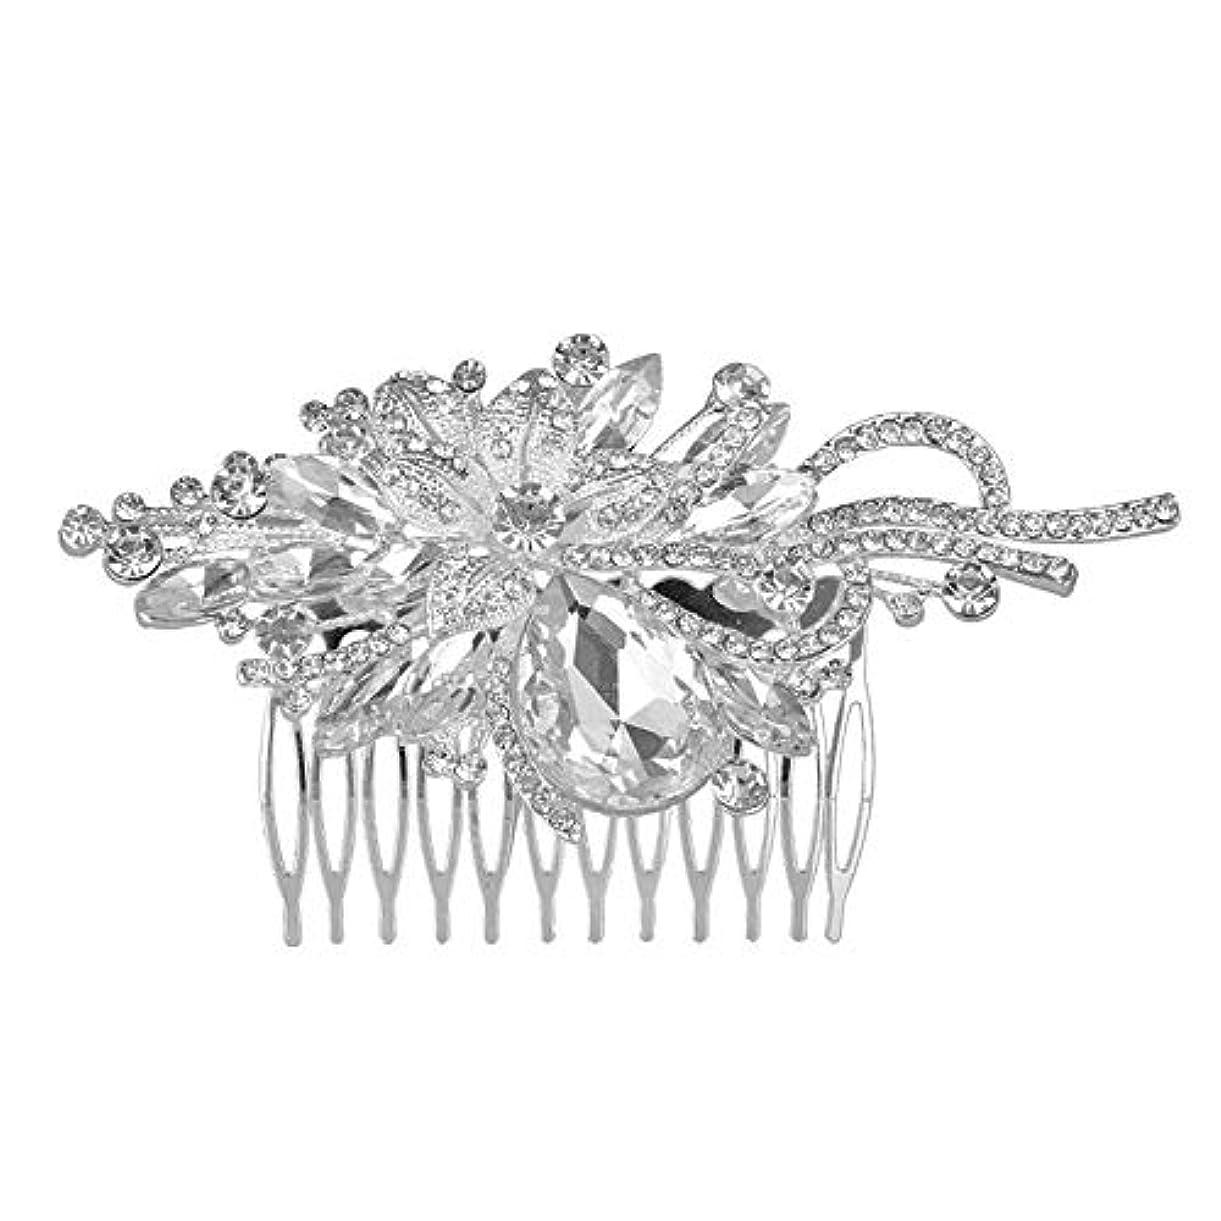 部分分数ただ髪の櫛挿入櫛花嫁の髪櫛クラウン髪の櫛結婚式のアクセサリー葉の髪の櫛ラインストーンの髪の櫛ブライダルヘッドドレス